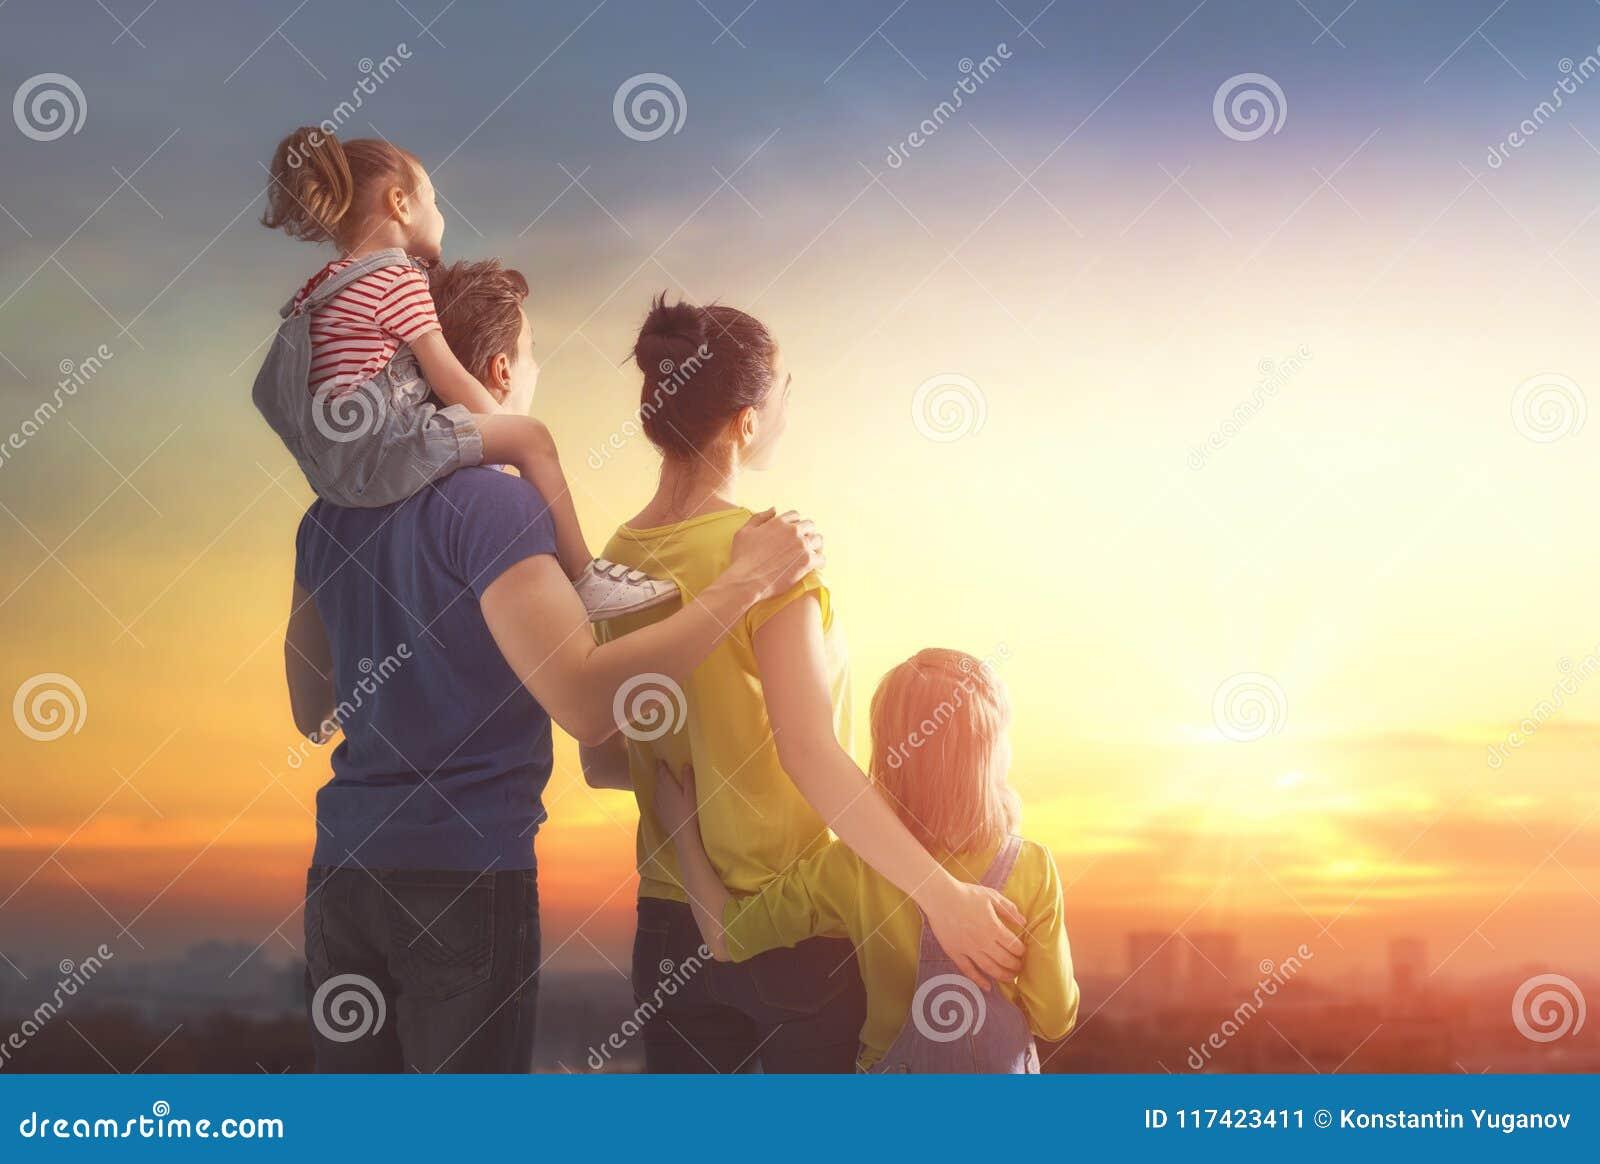 Glückliche Familie am Sonnenuntergang